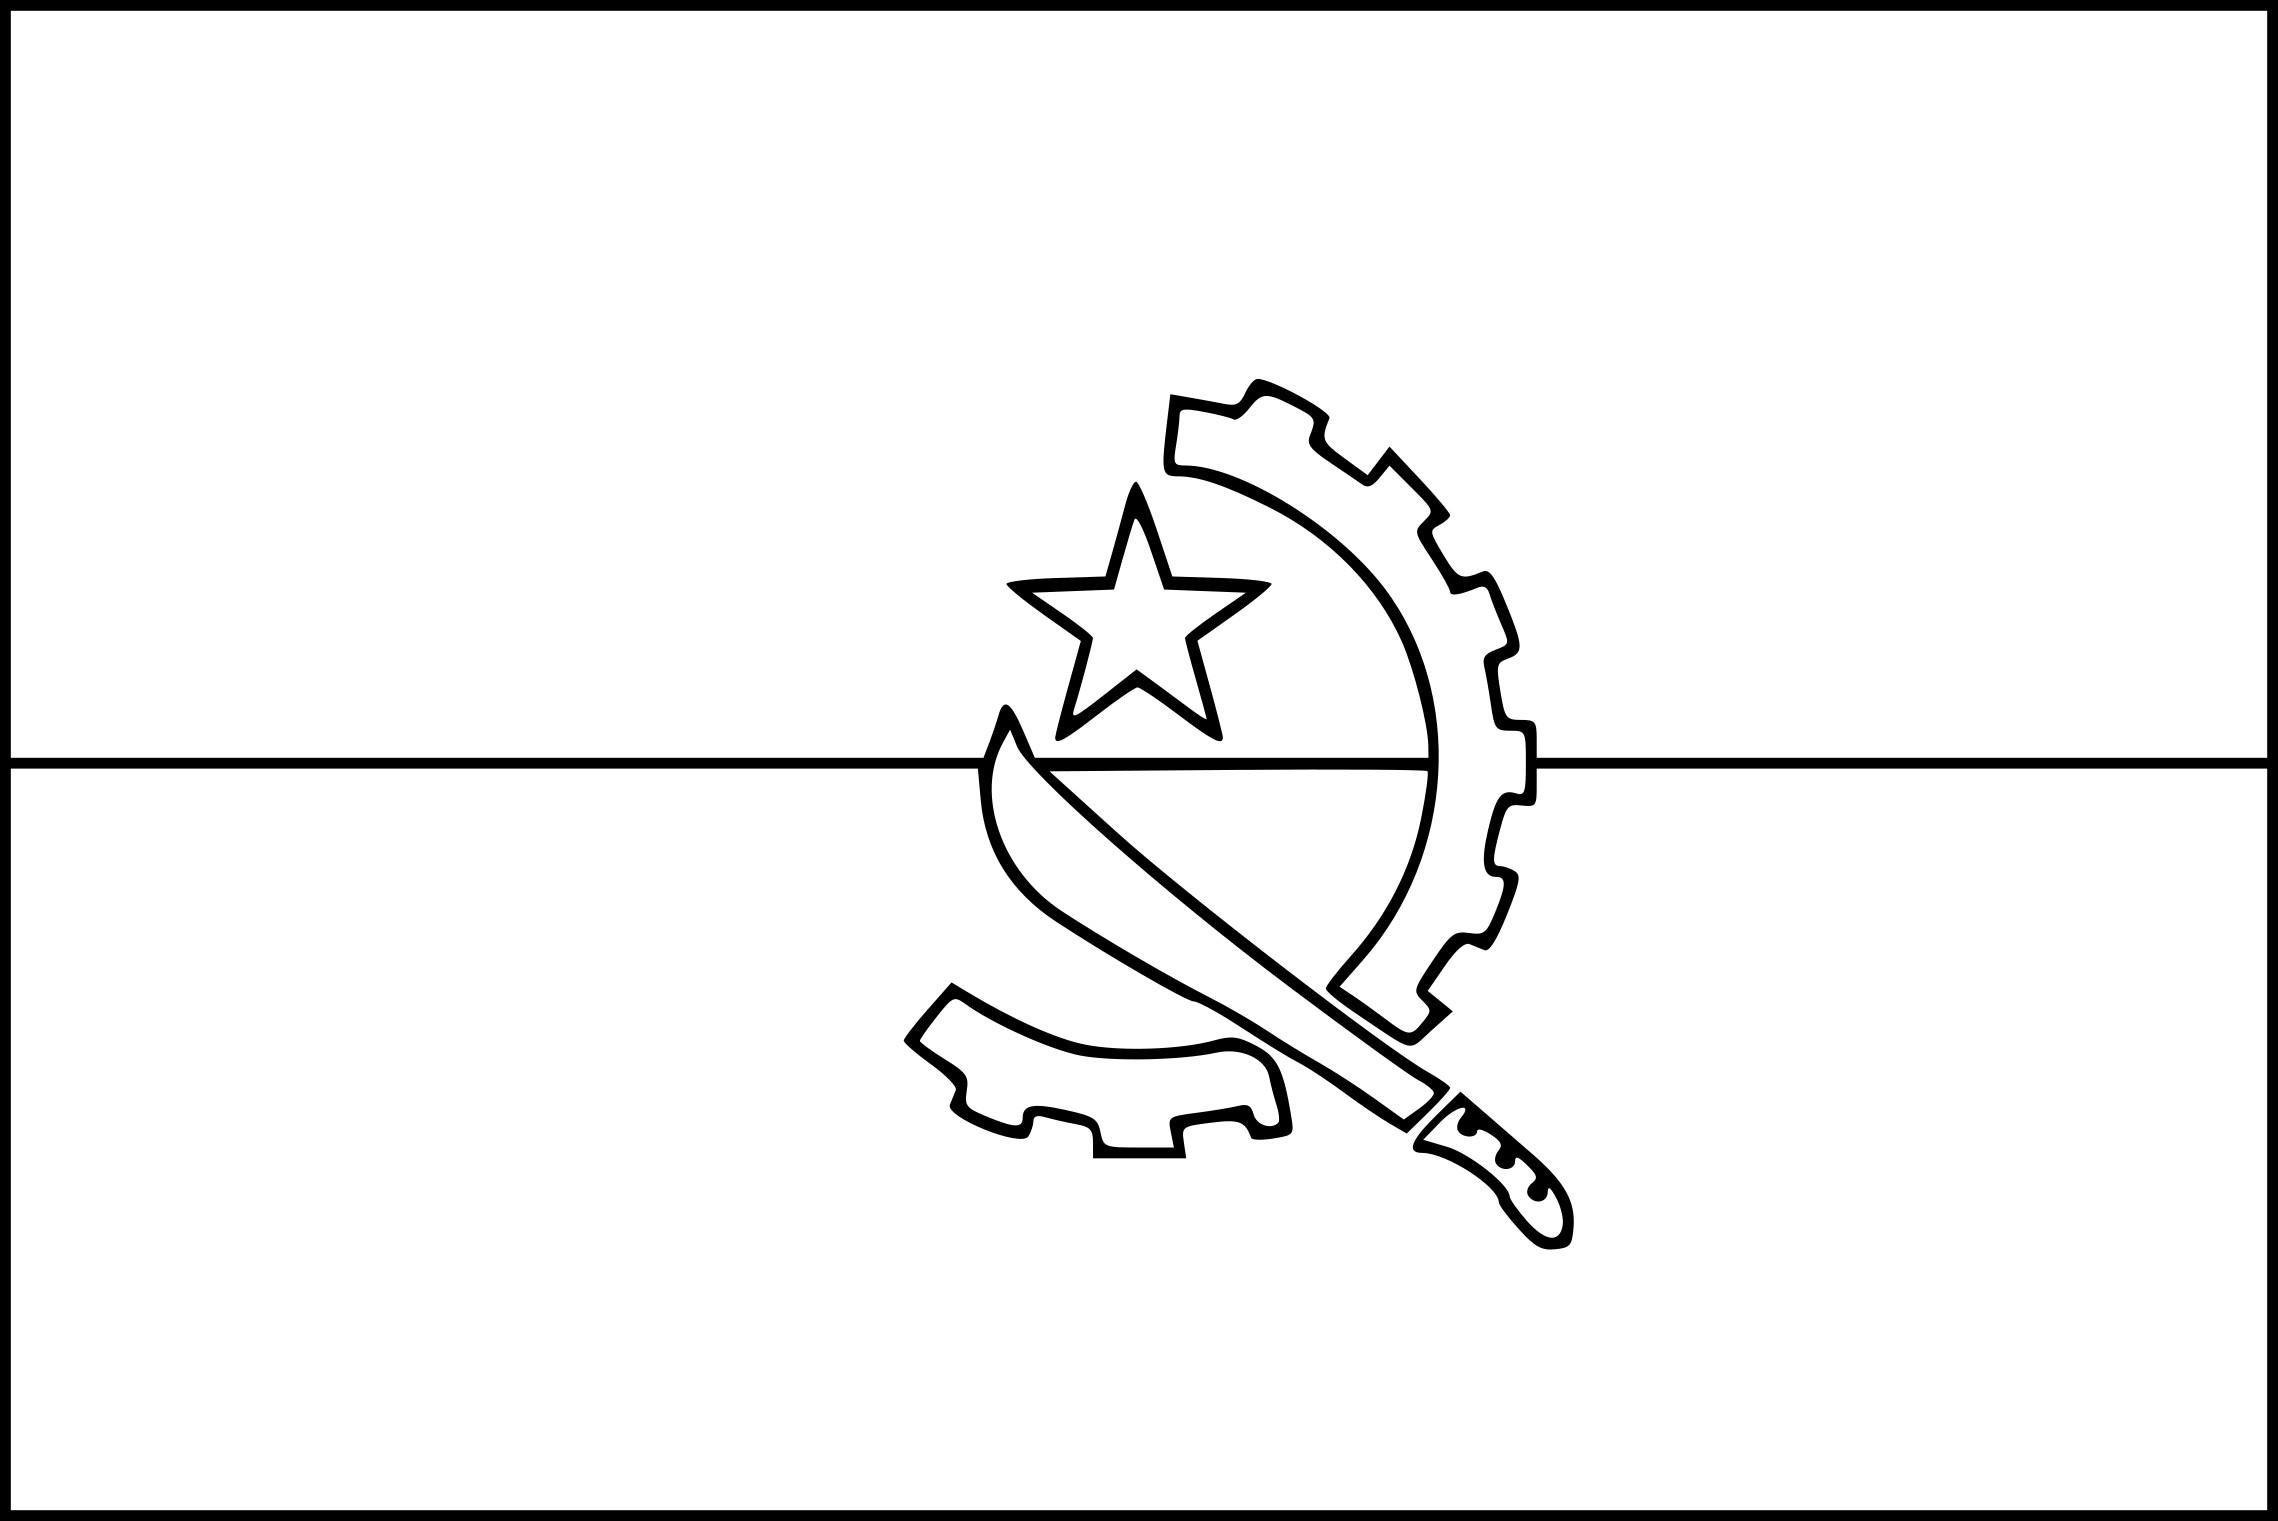 Coloriage drapeau angola imprimer - Coloriage drapeau espagne ...